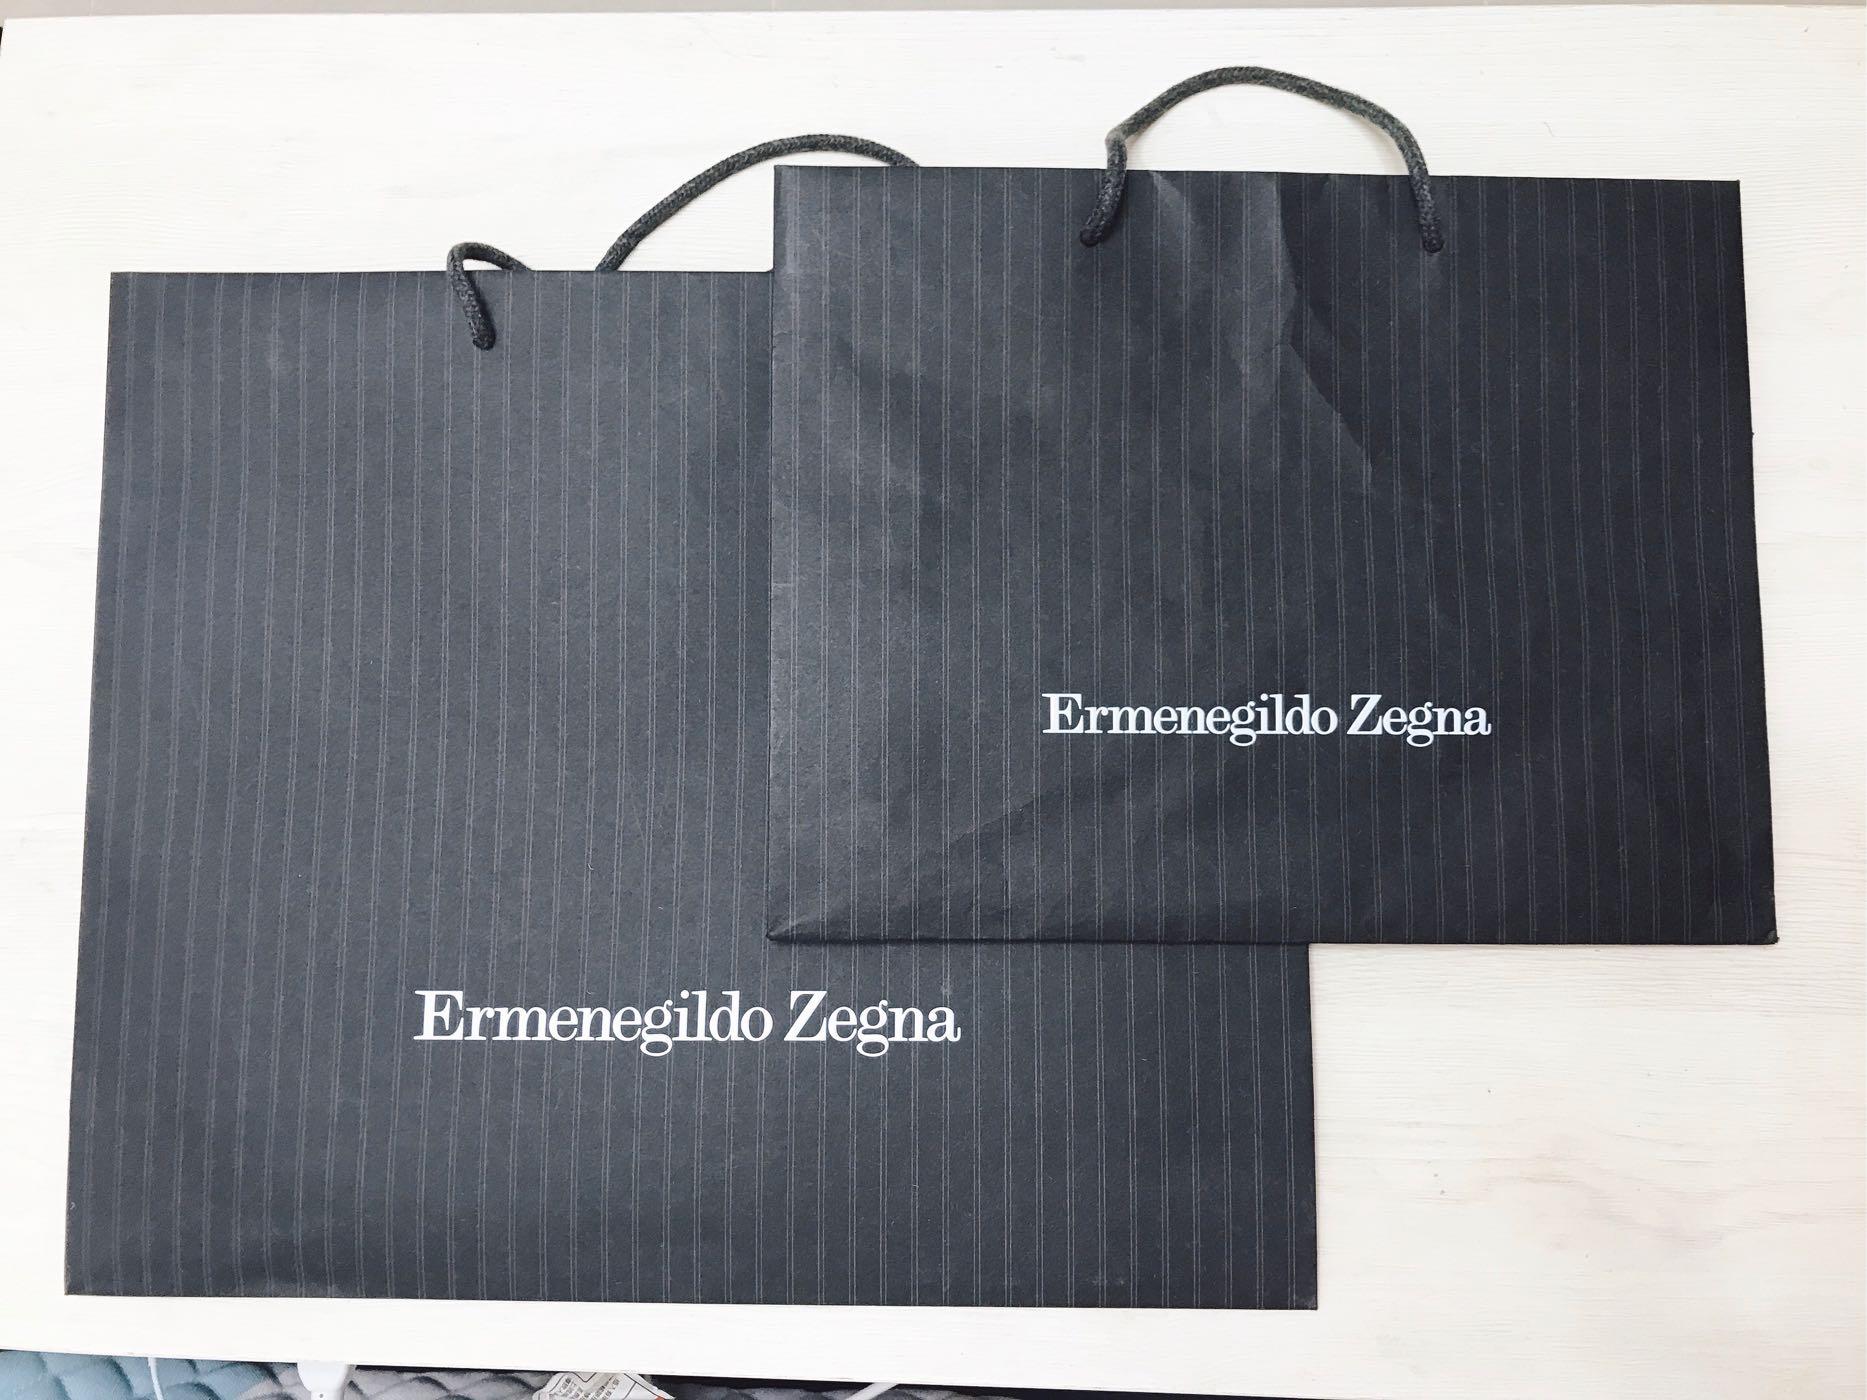 《Ermenegildo Zegna》專櫃紙袋